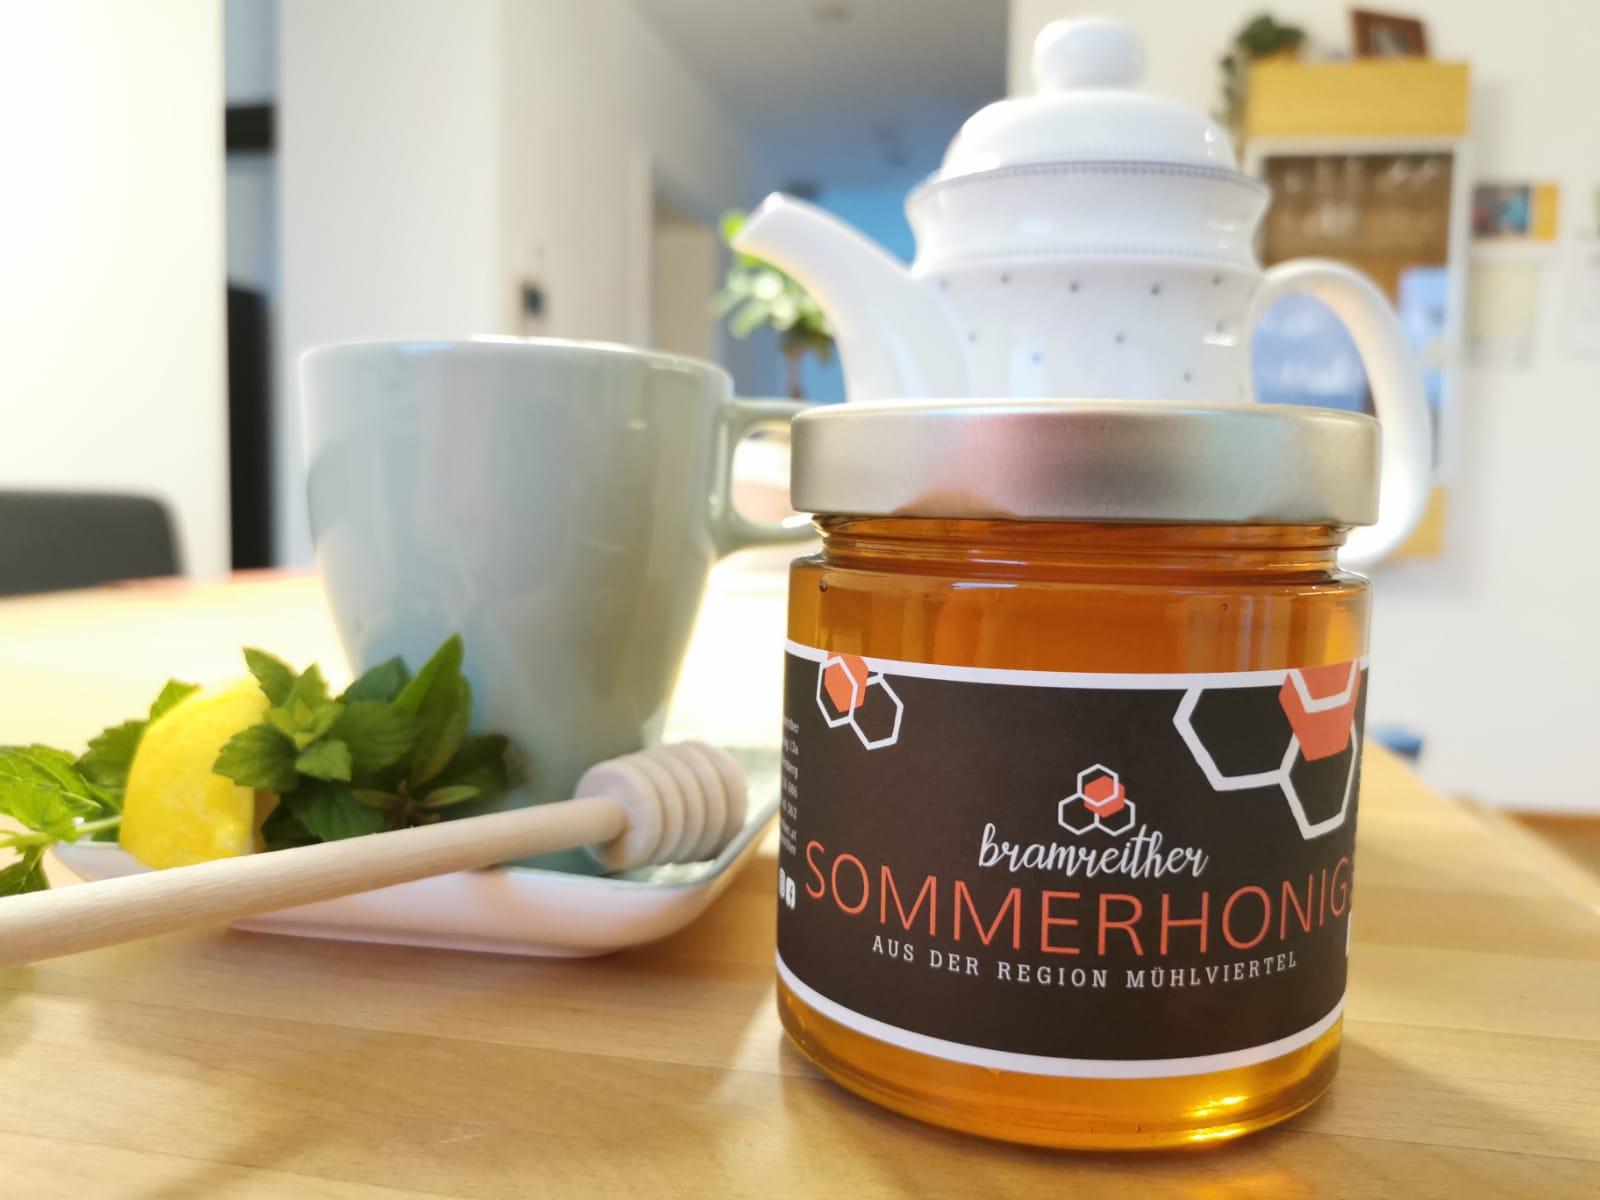 Bio Imkerei Bramreither - Mühlviertel - Rohrbach - Helfenberg - Sommerhonig - Blüte- mit Waldhonig - Süße Grüße vom Sommer - Bienenprodukte regional kaufen